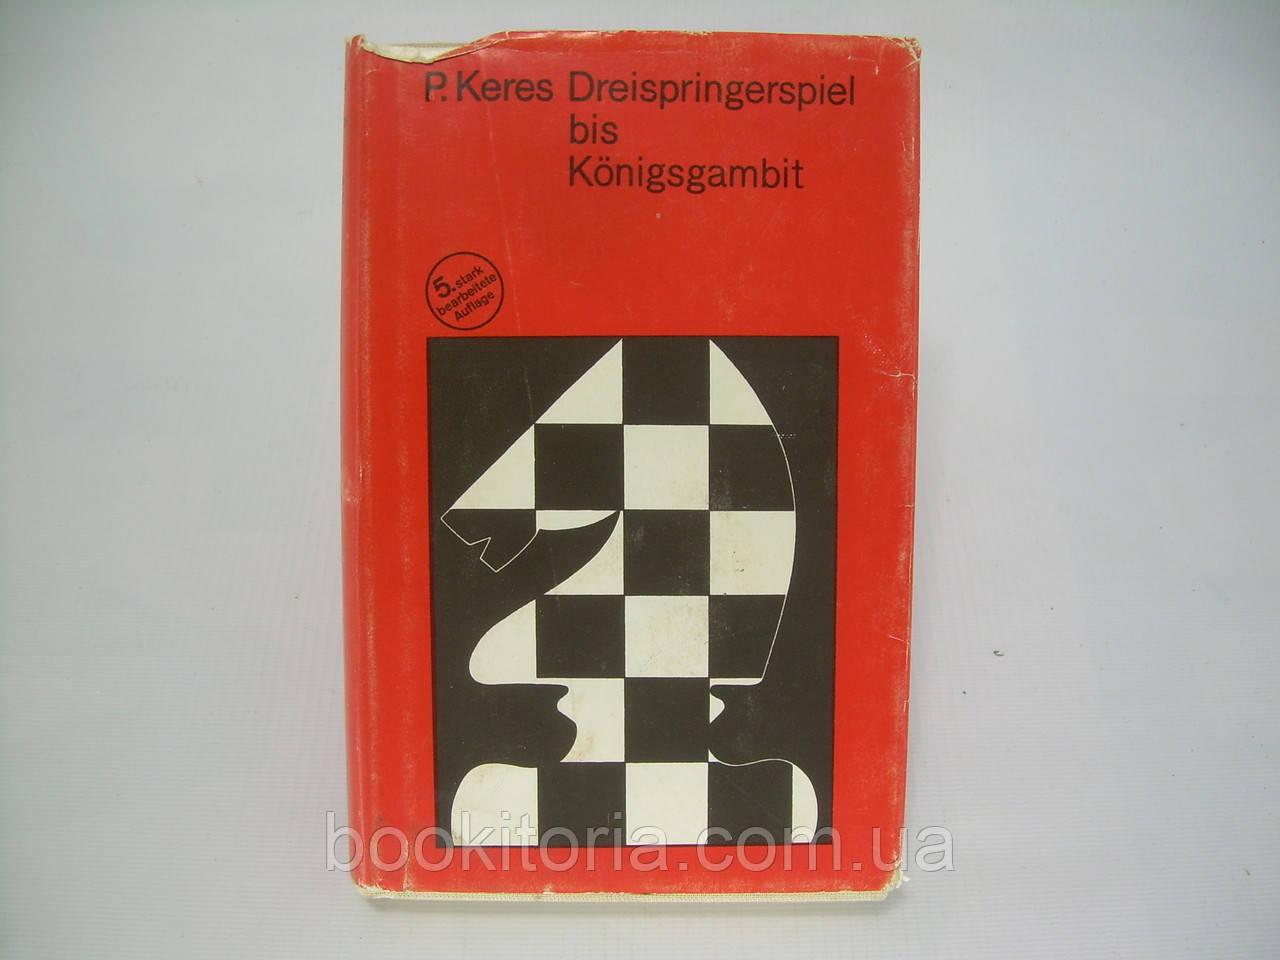 Keres P. Dreispringerspiel bis Konigsgambit (б/у).